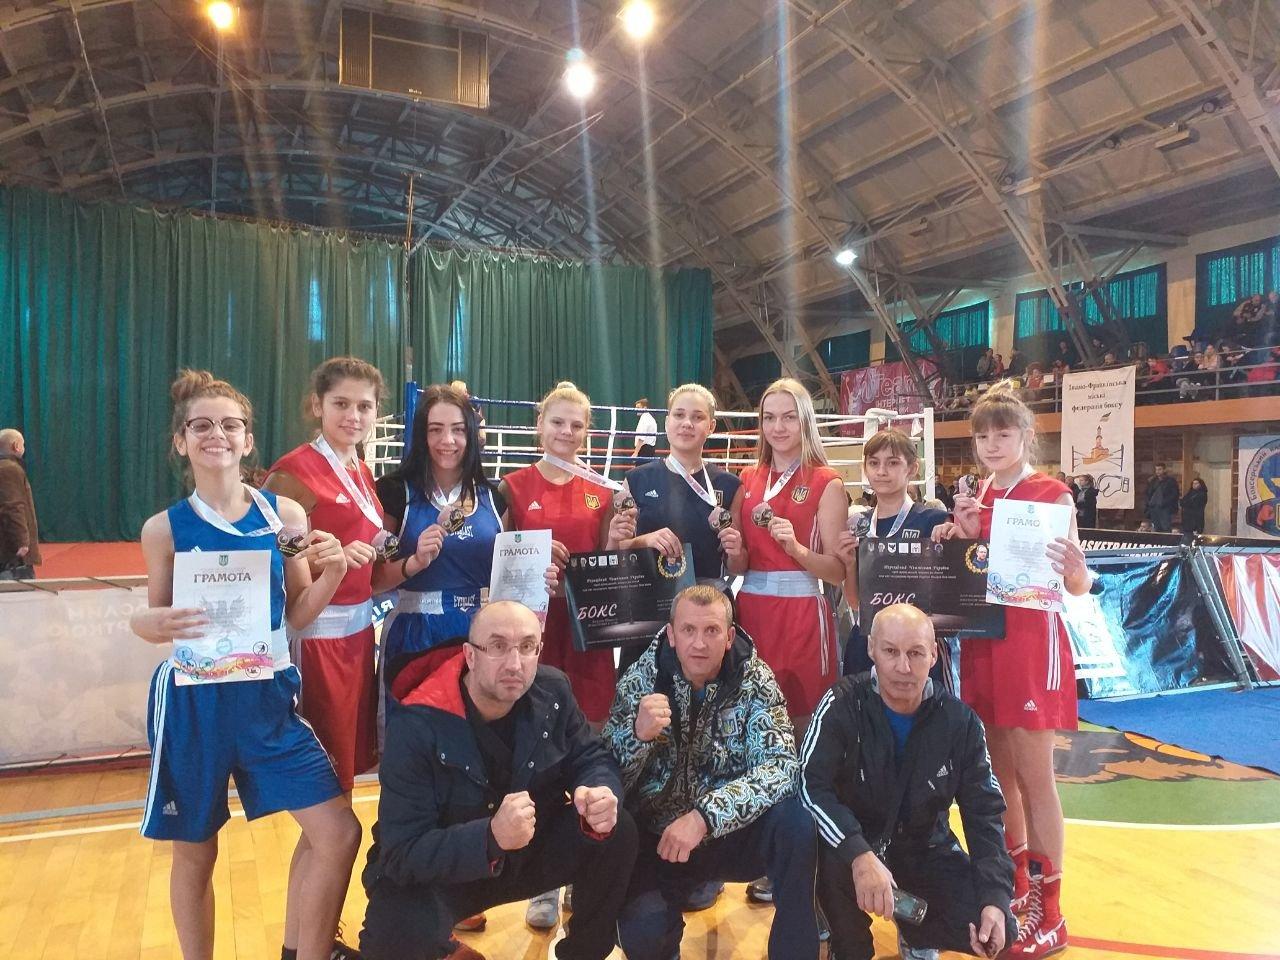 Єва Єриш із Костянтинівки стала двухкратною чемпіонкою України з боксу, фото-2